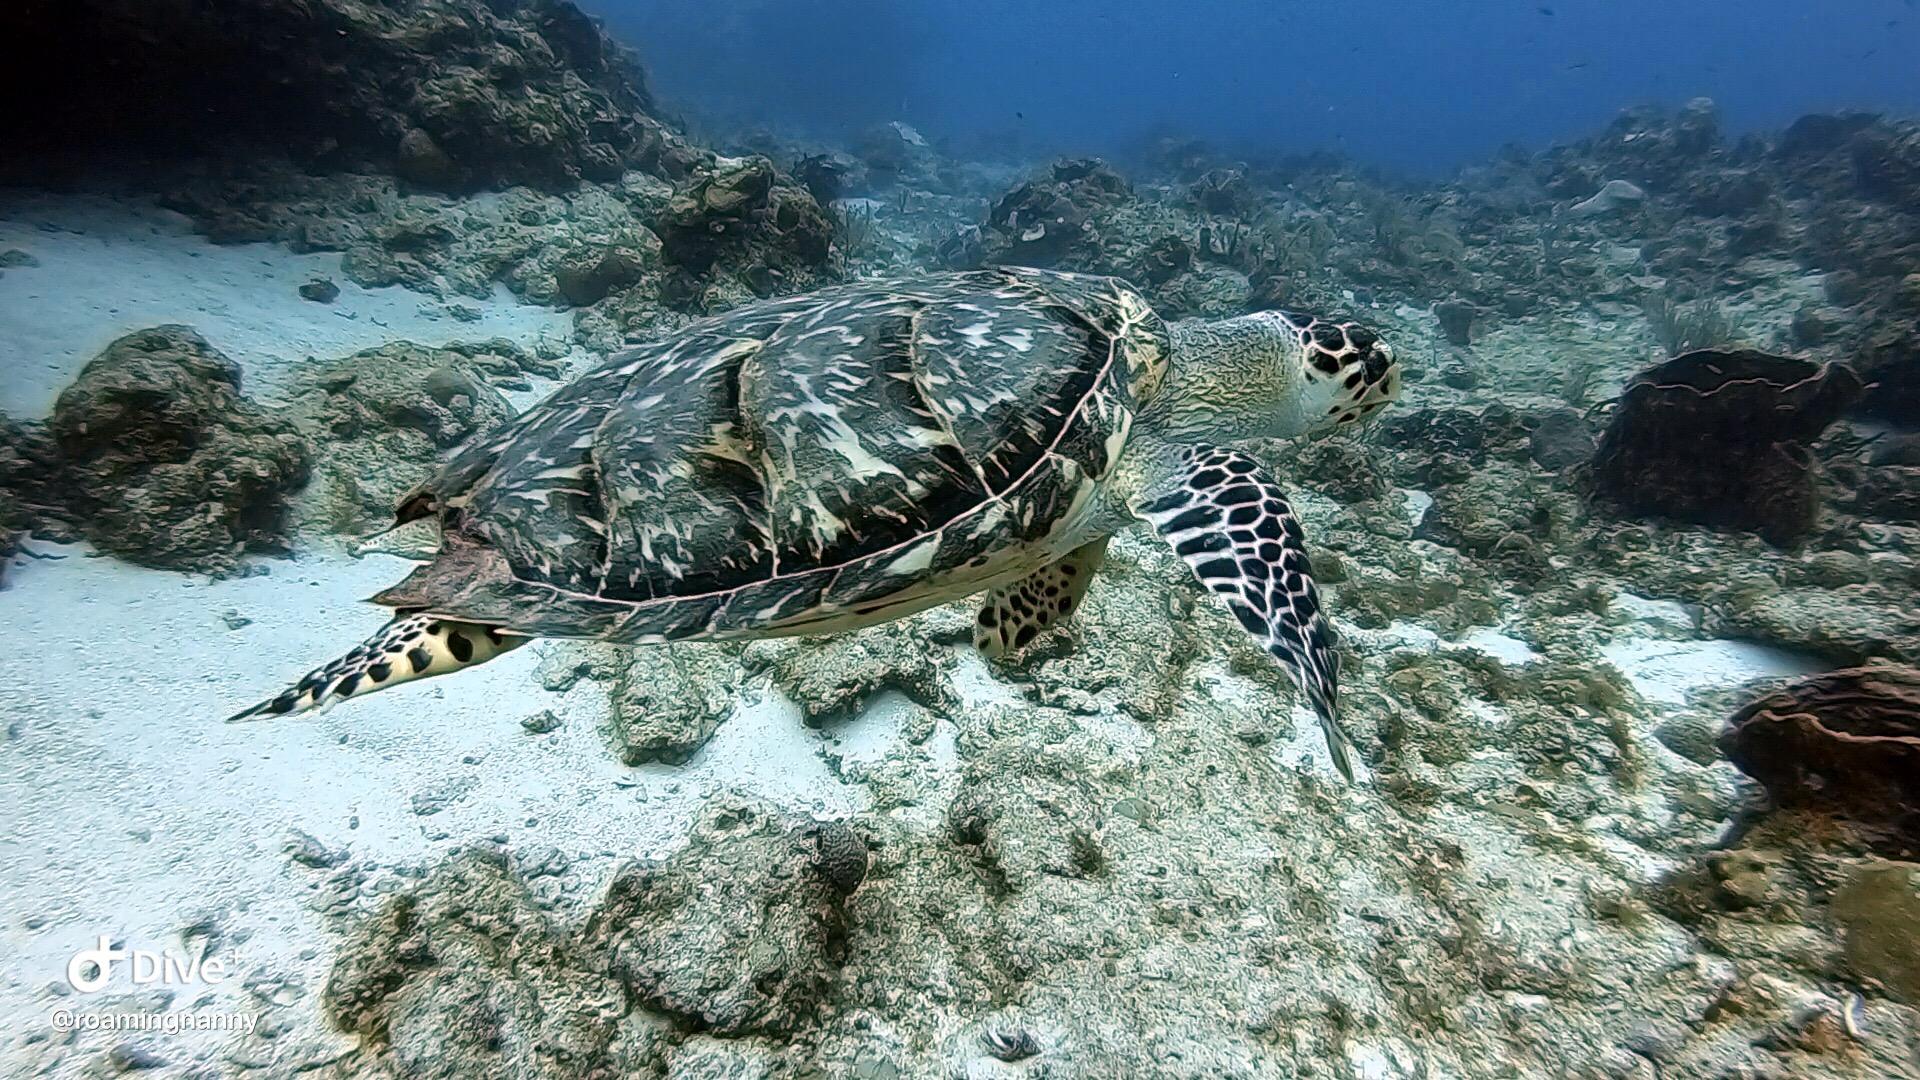 Sea Turtle - Sea Turtle